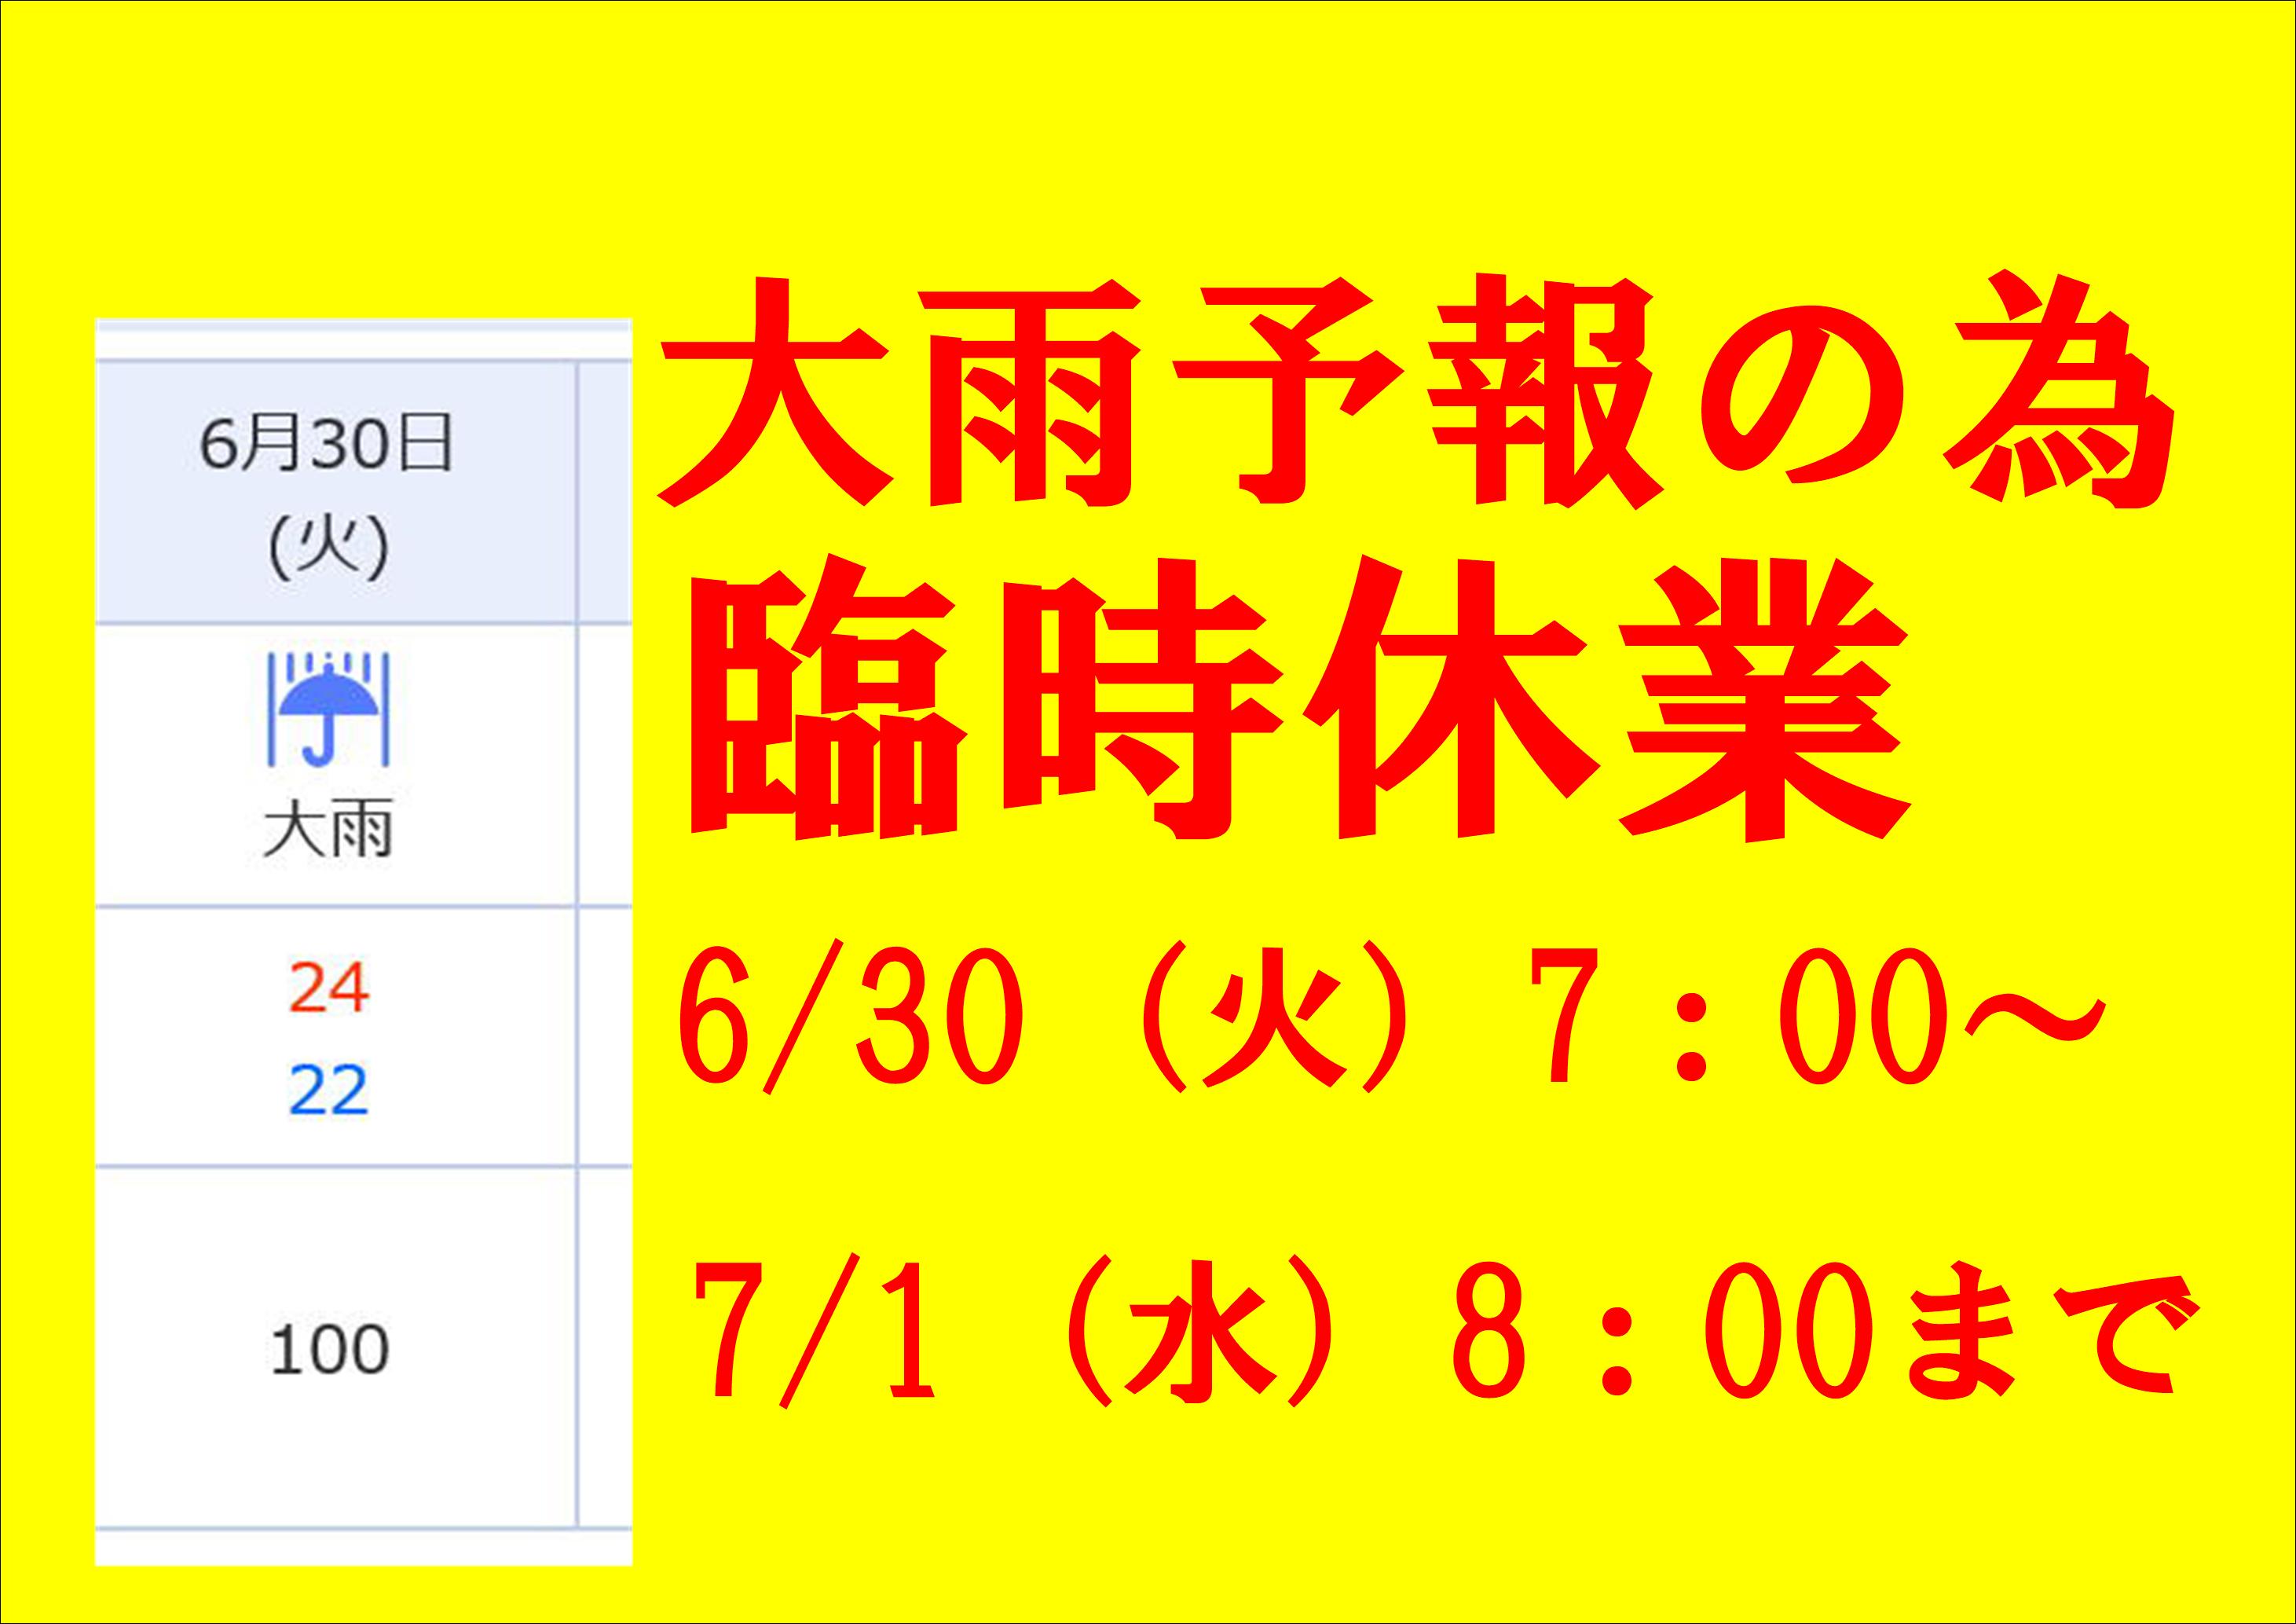 大雨予報の為、臨時休業します。6/30 AM7時~7/1 AM8時まで